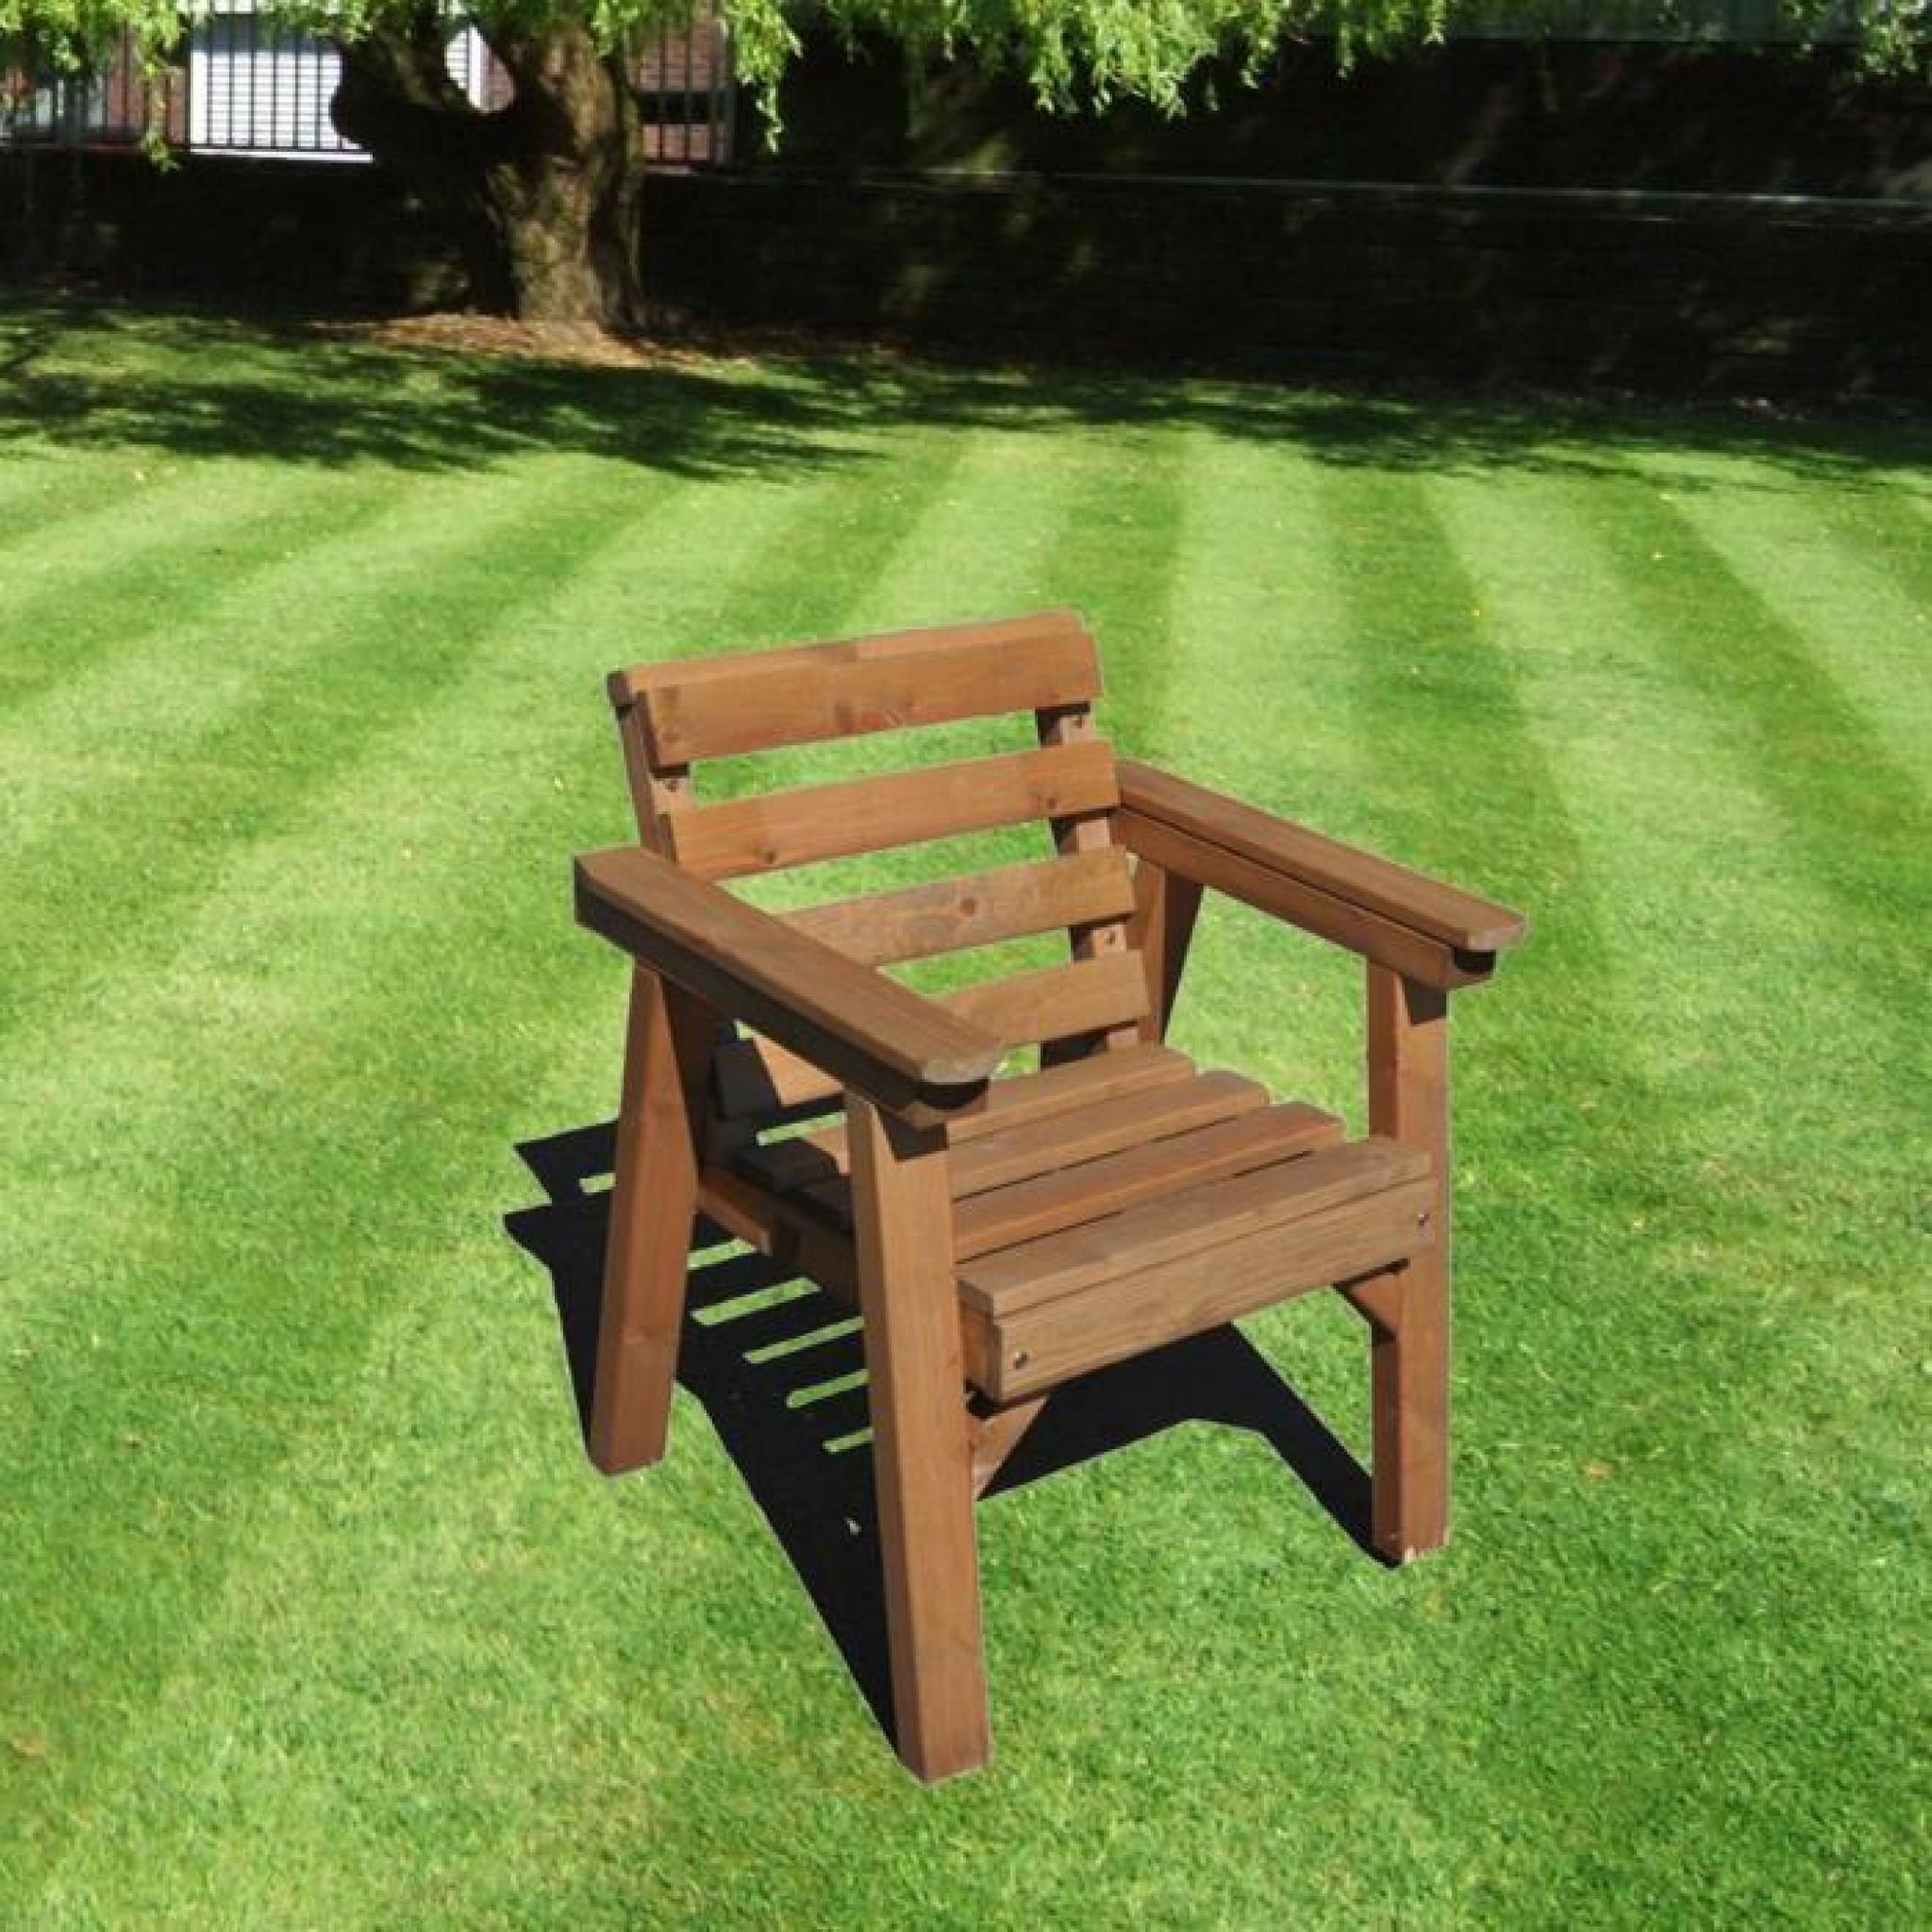 Meubles de jardin patio d finir seule chaise bois massif for Meuble de jardin en bois pas cher